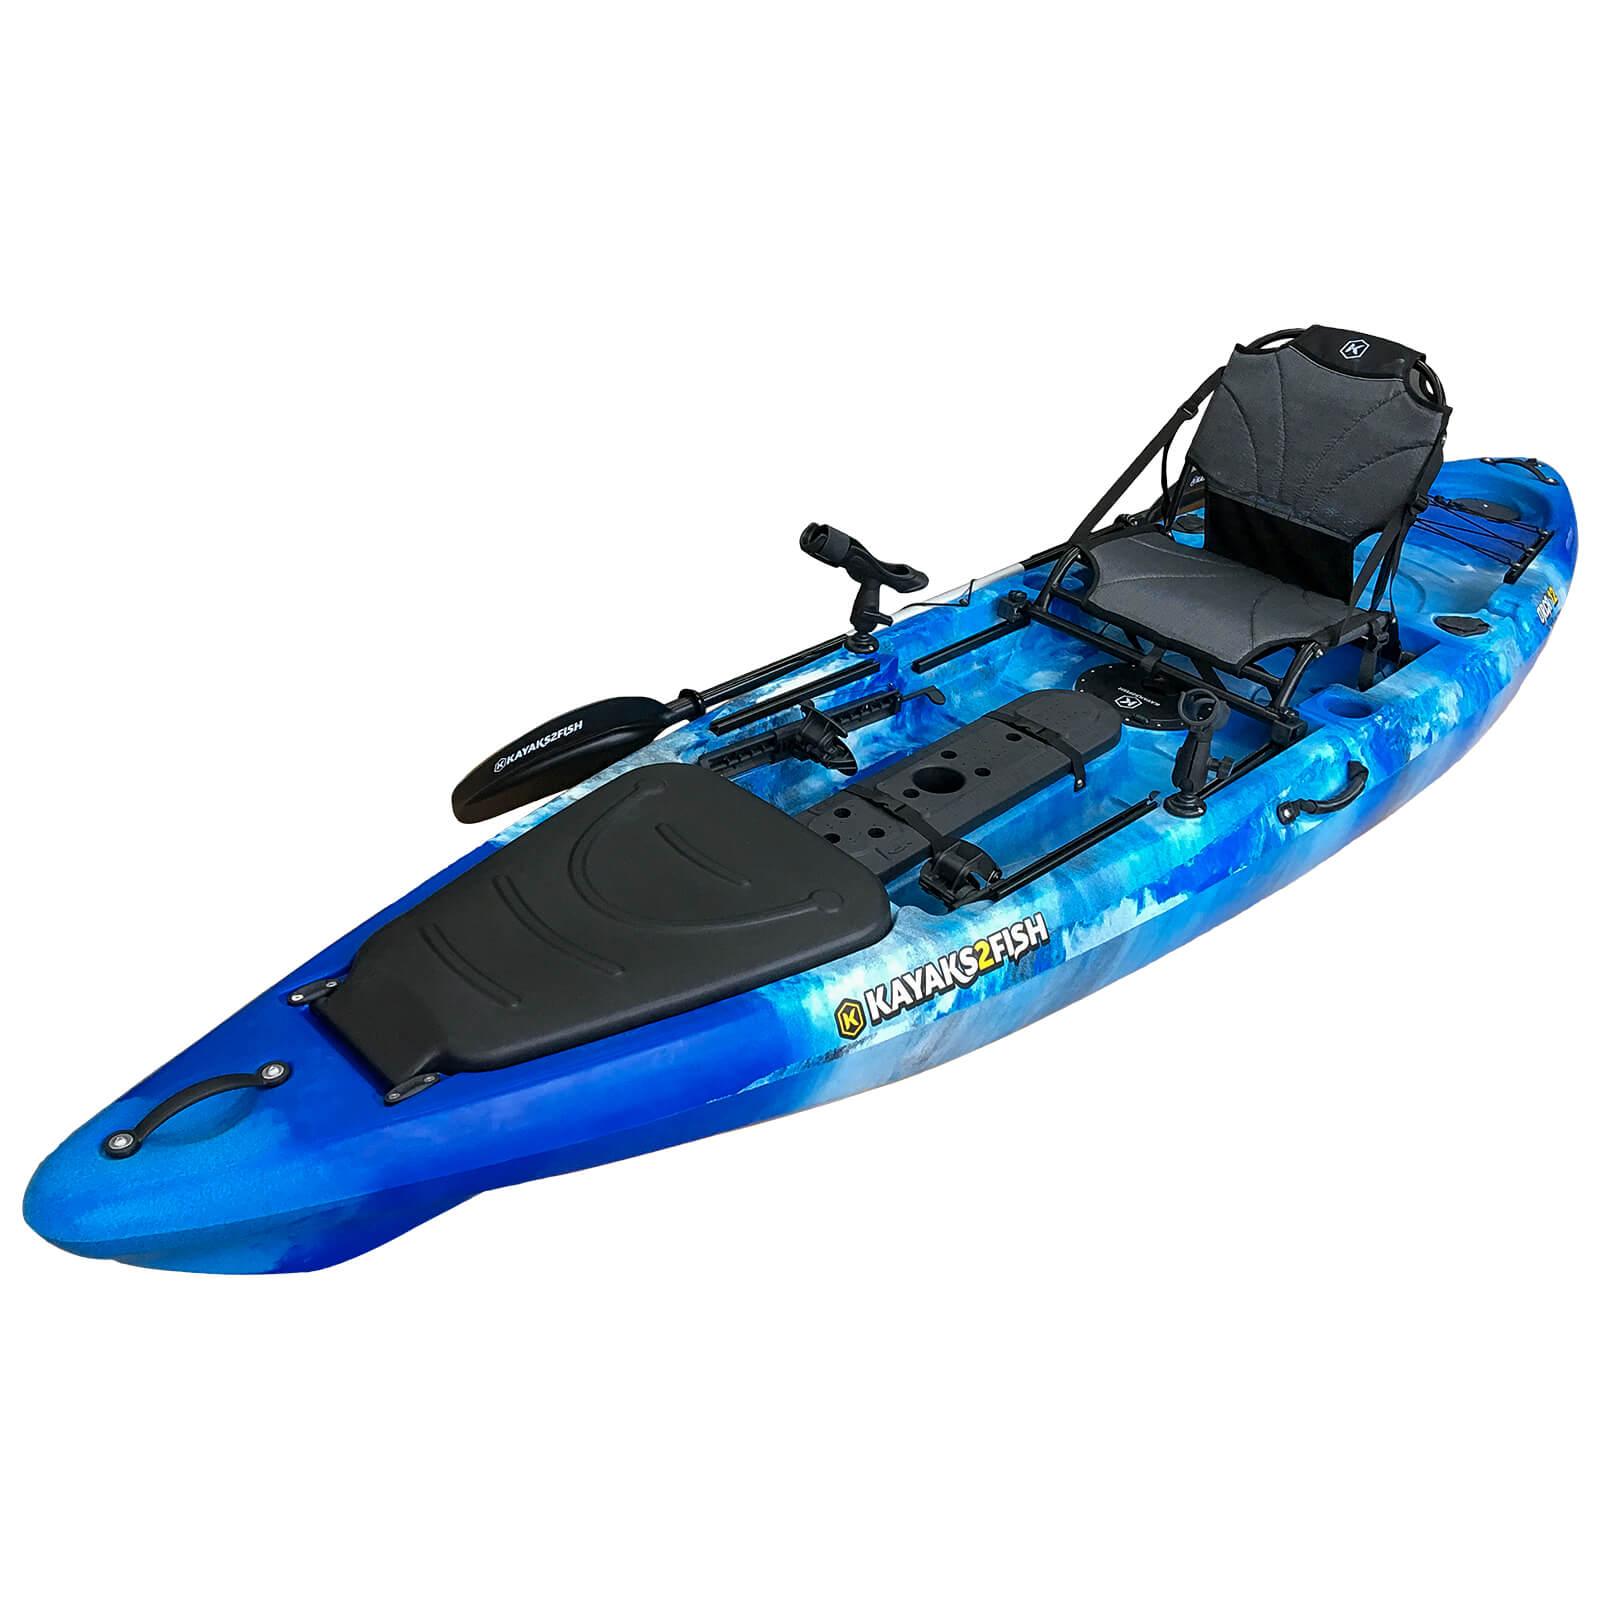 Orca 12 pro fishing kayak package blue sea kayaks2fish for Offshore kayak fishing